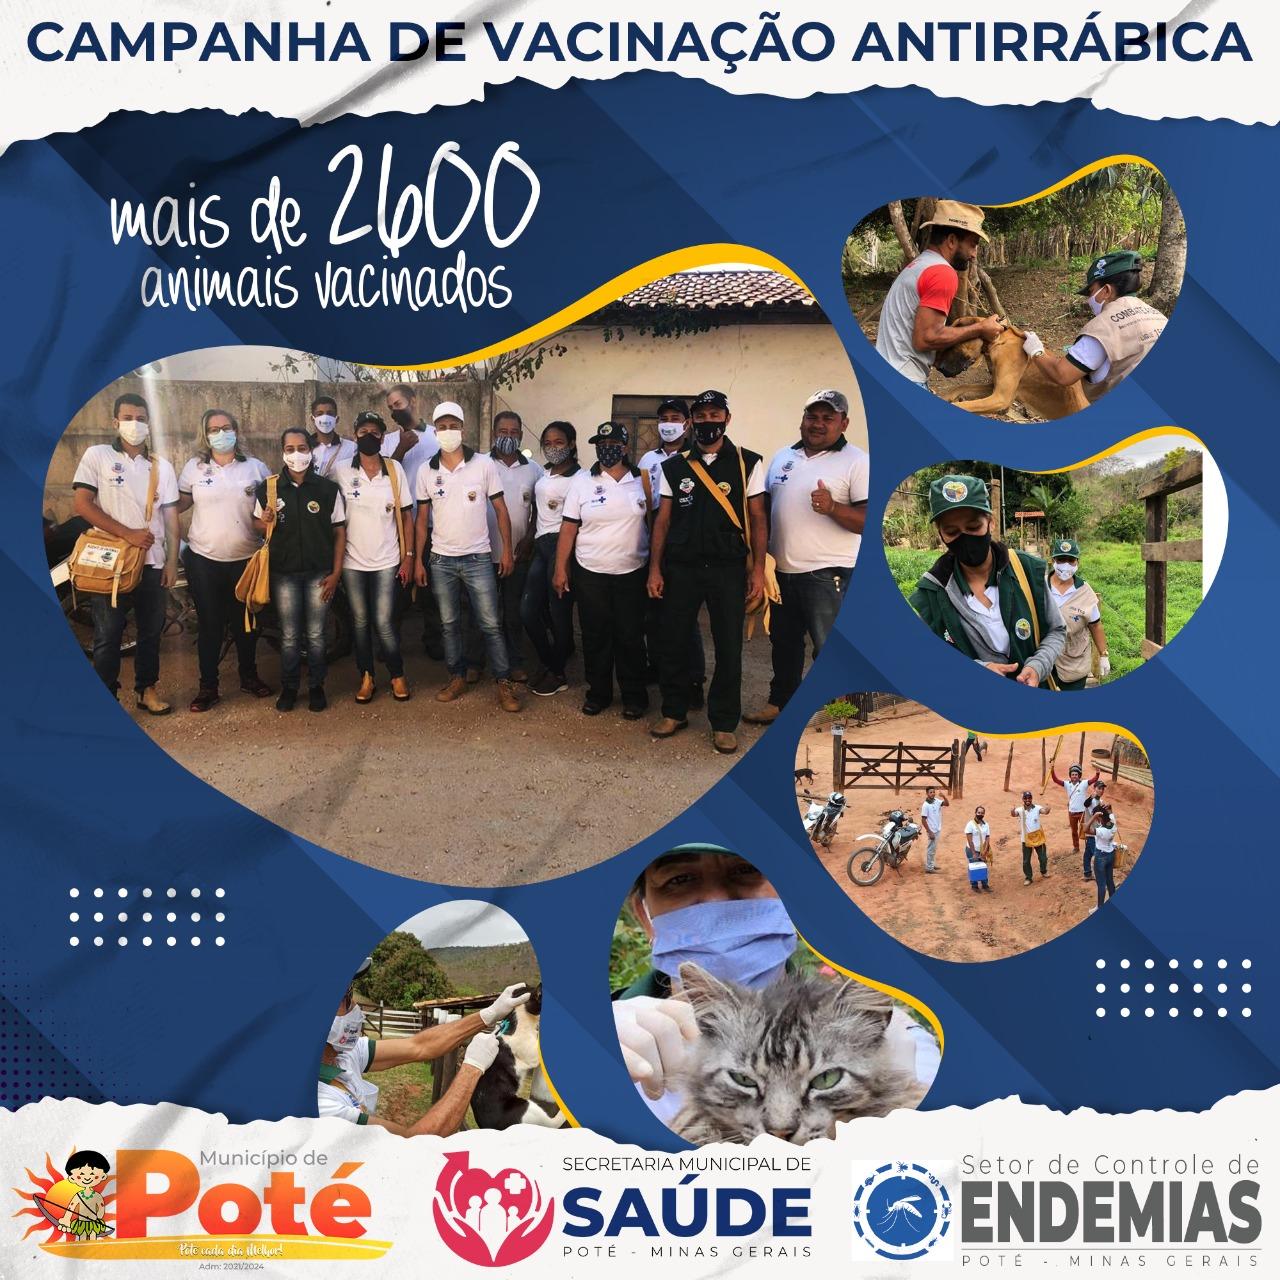 CAMPANHA DE VACINAÇÃO ANTIRRÁBICA - MAIS DE 2600 ANI...